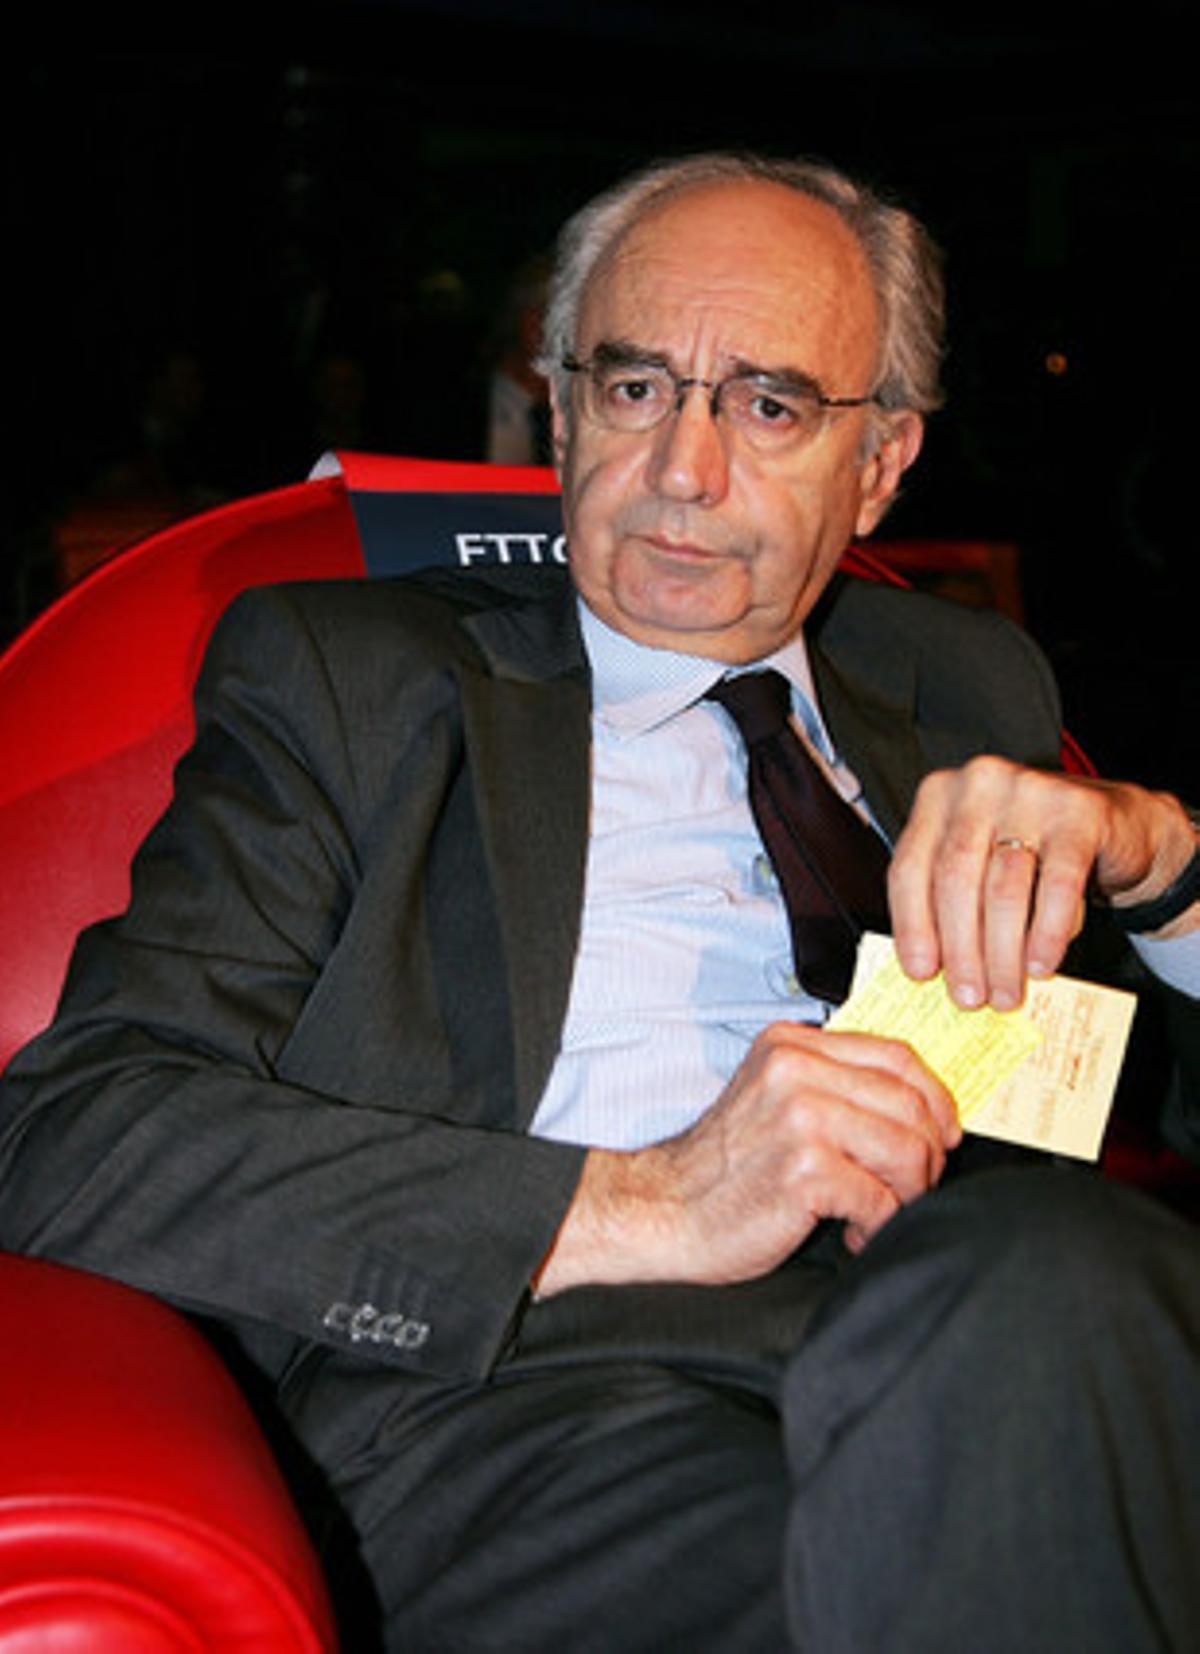 Ettore Gotti Tedeschi, presidente del Instituto para las Obras de la Religión (IOR), en una imagen de archivo.